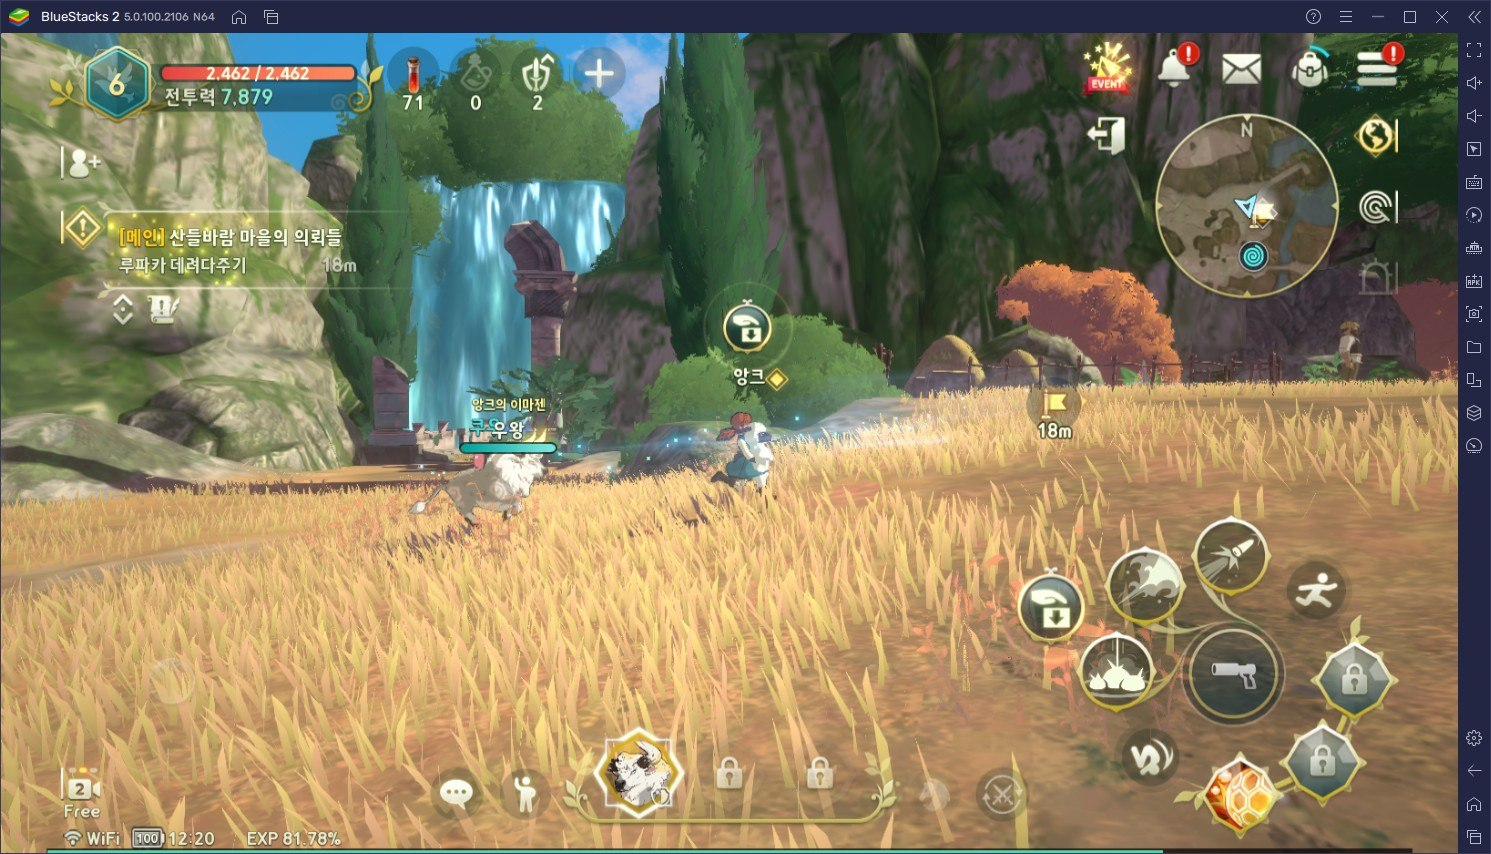 블루스택 앱플레이어로 PC에서 제2의 나라: Cross Worlds의 세계를 탐험해보세요!